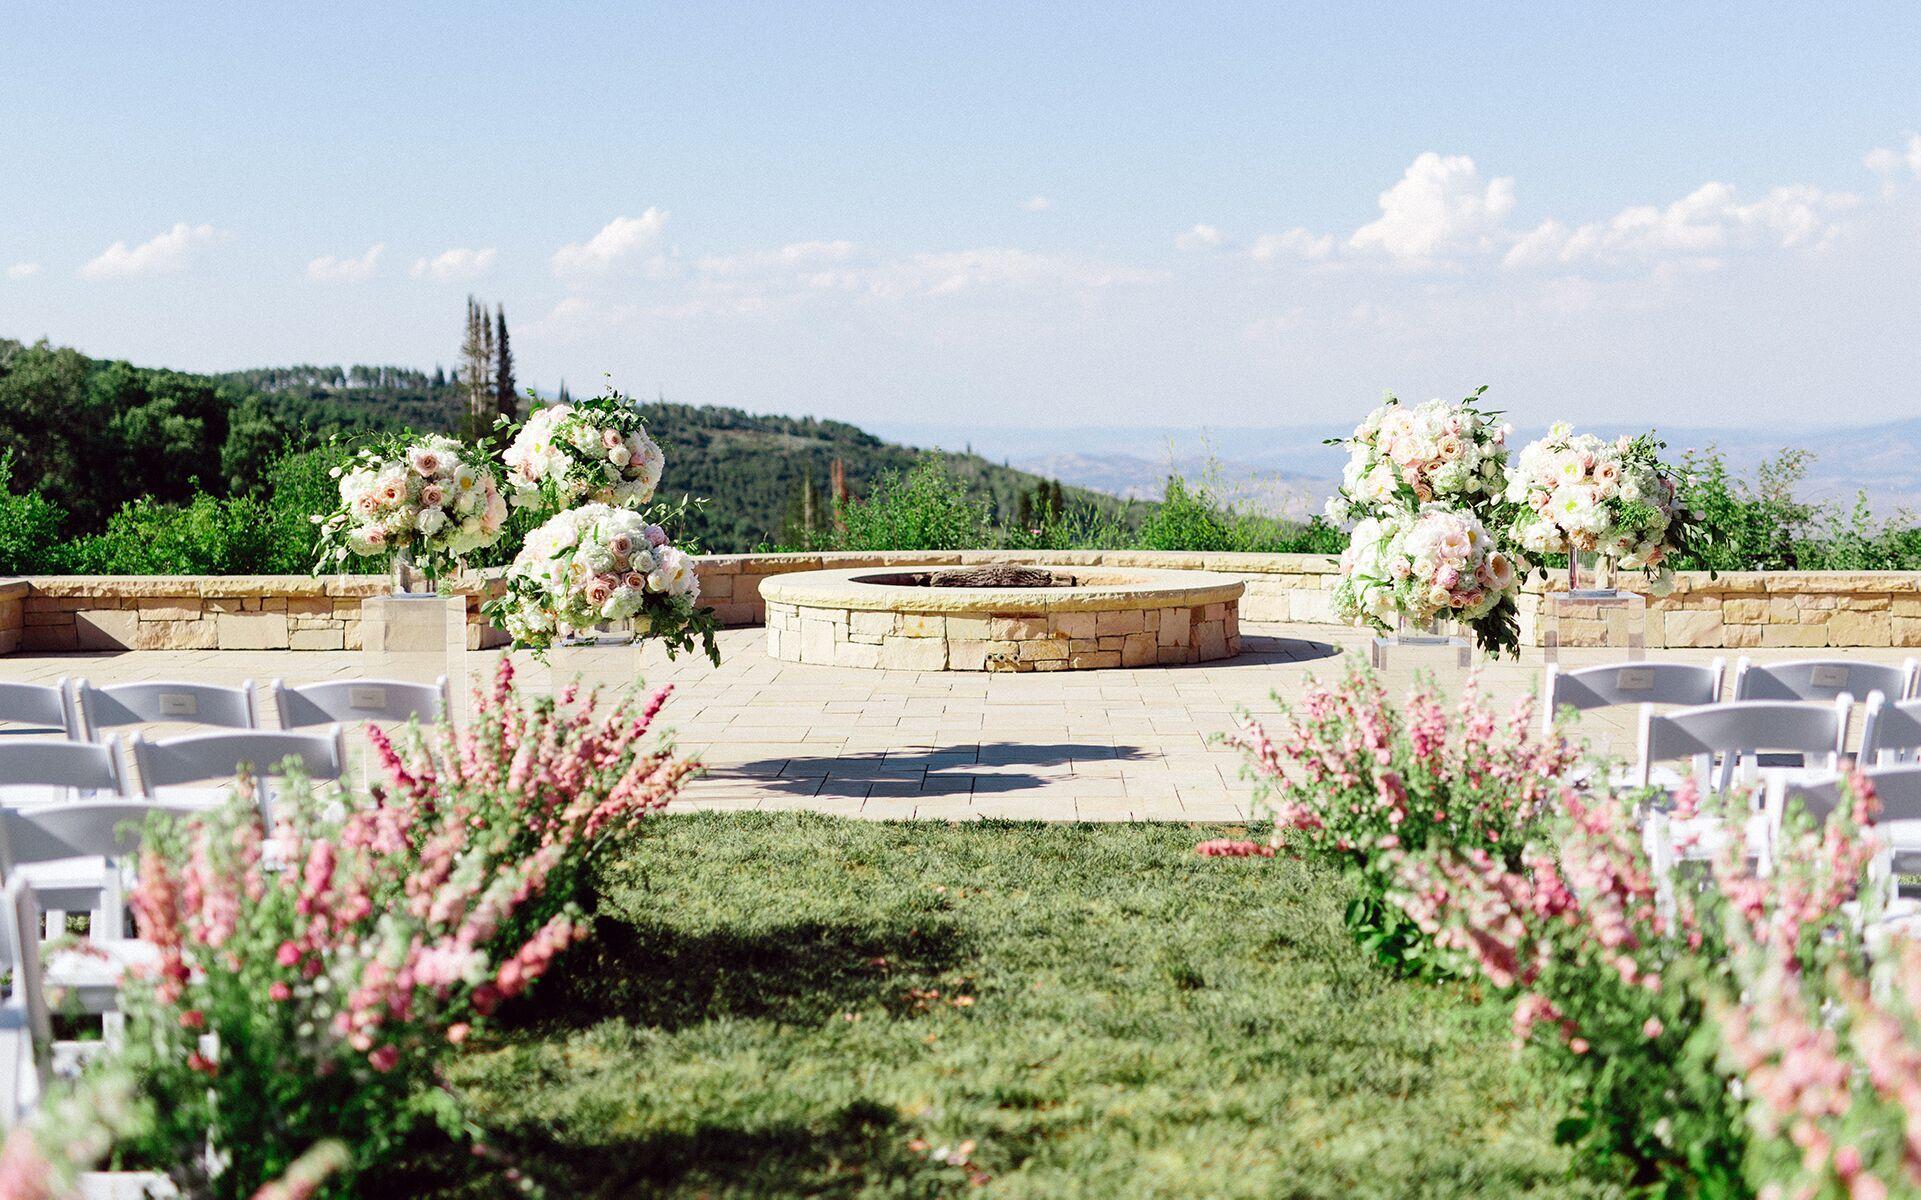 Montage Deer Valley in 2020 City resort, Deer valley